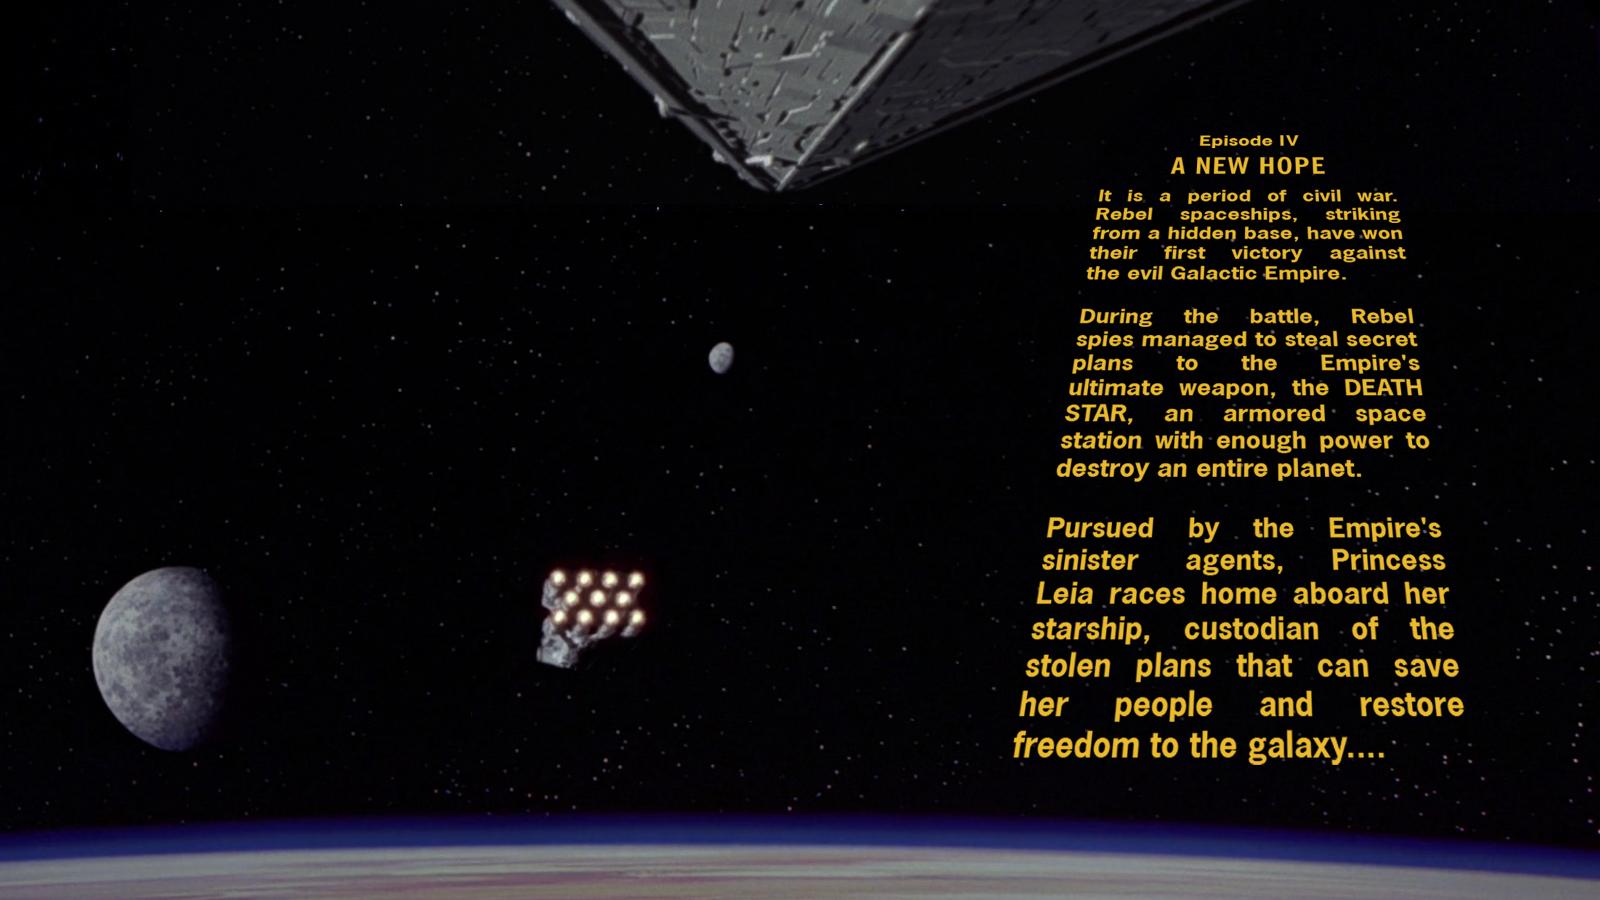 Star Wars Episode Iv Crawl Wallpaper By Spirit Of Adventure On Deviantart